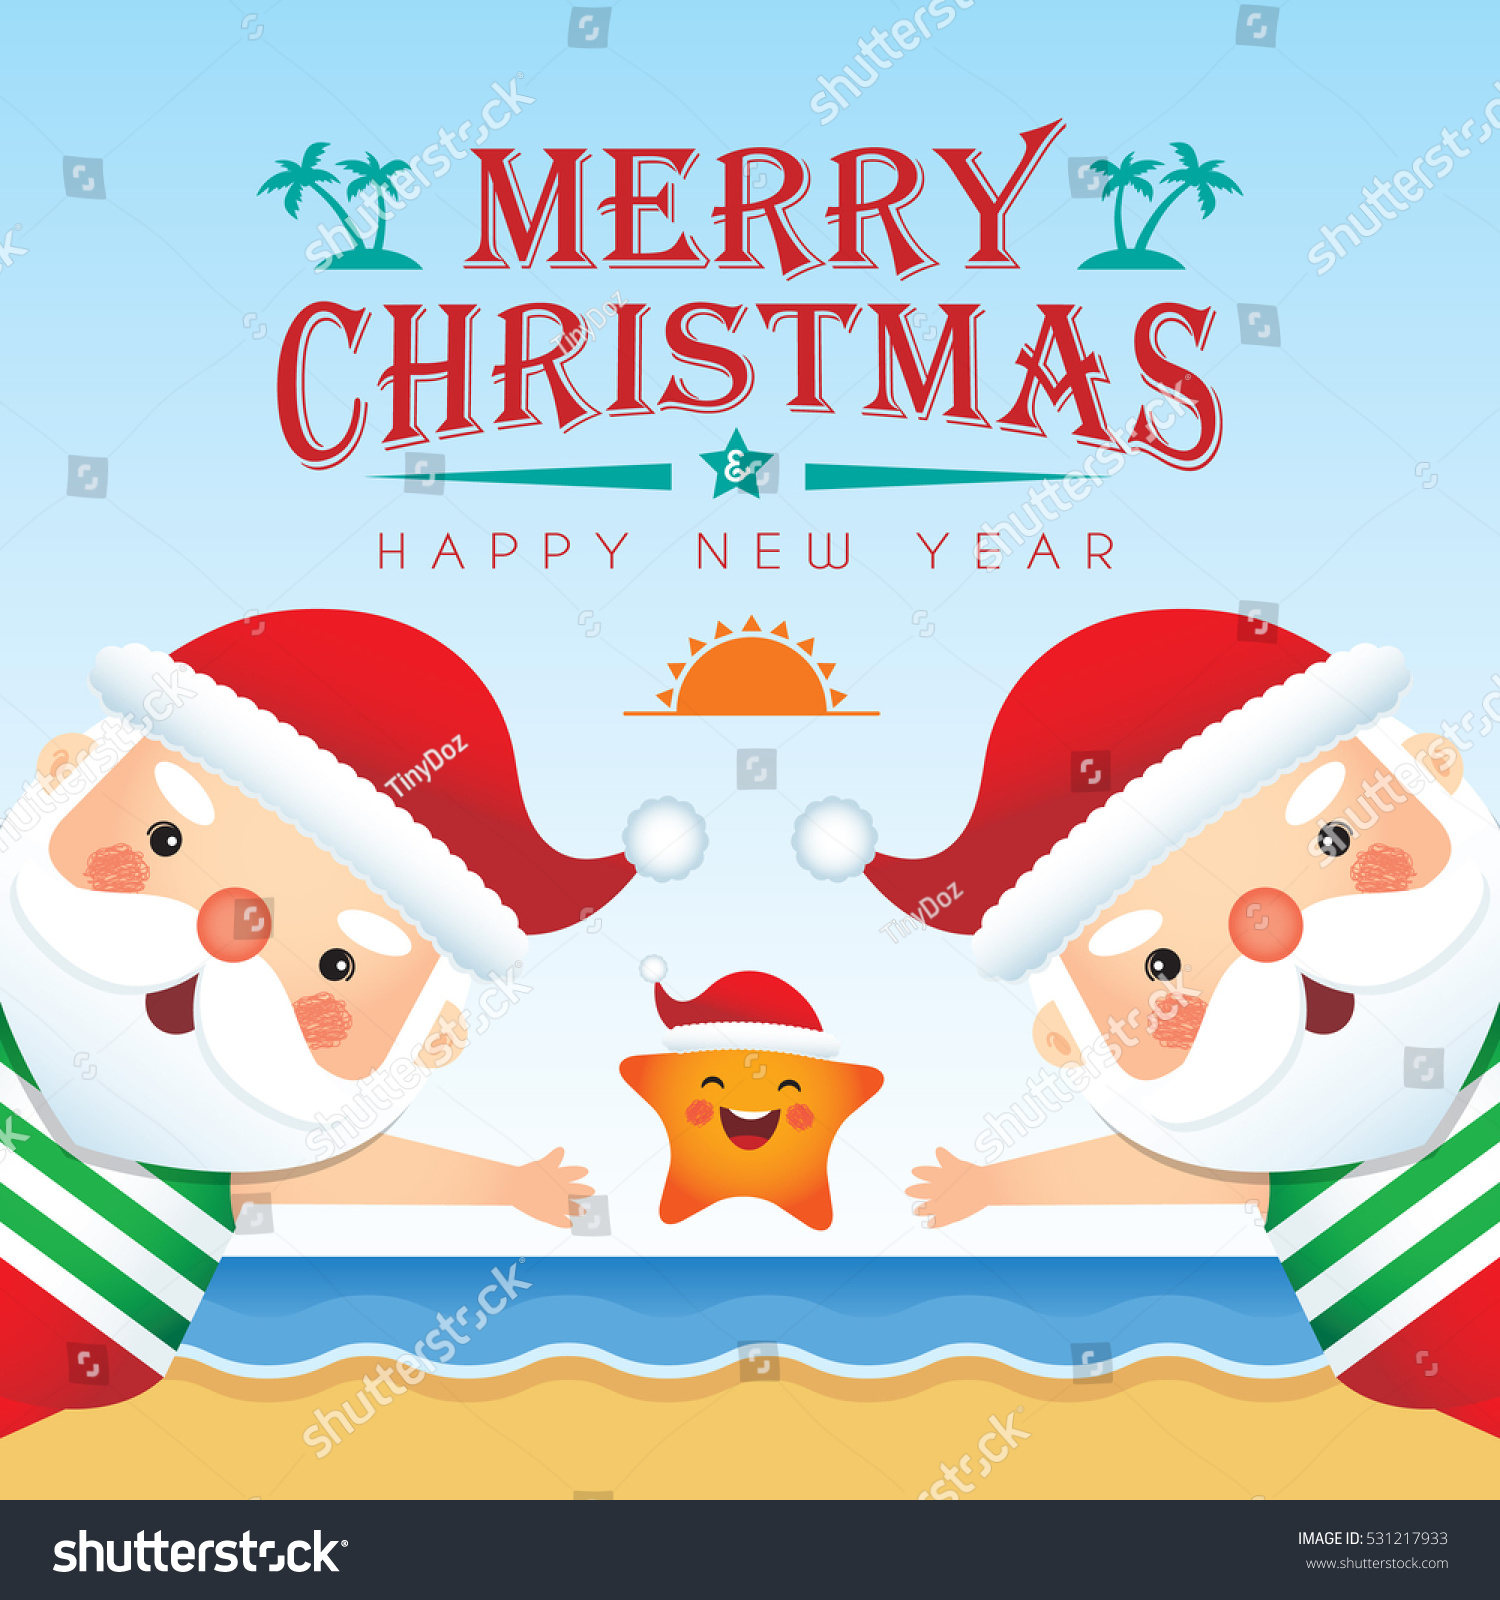 Merry Christmas Greetings Cute Cartoon Santa Stock Vector Royalty